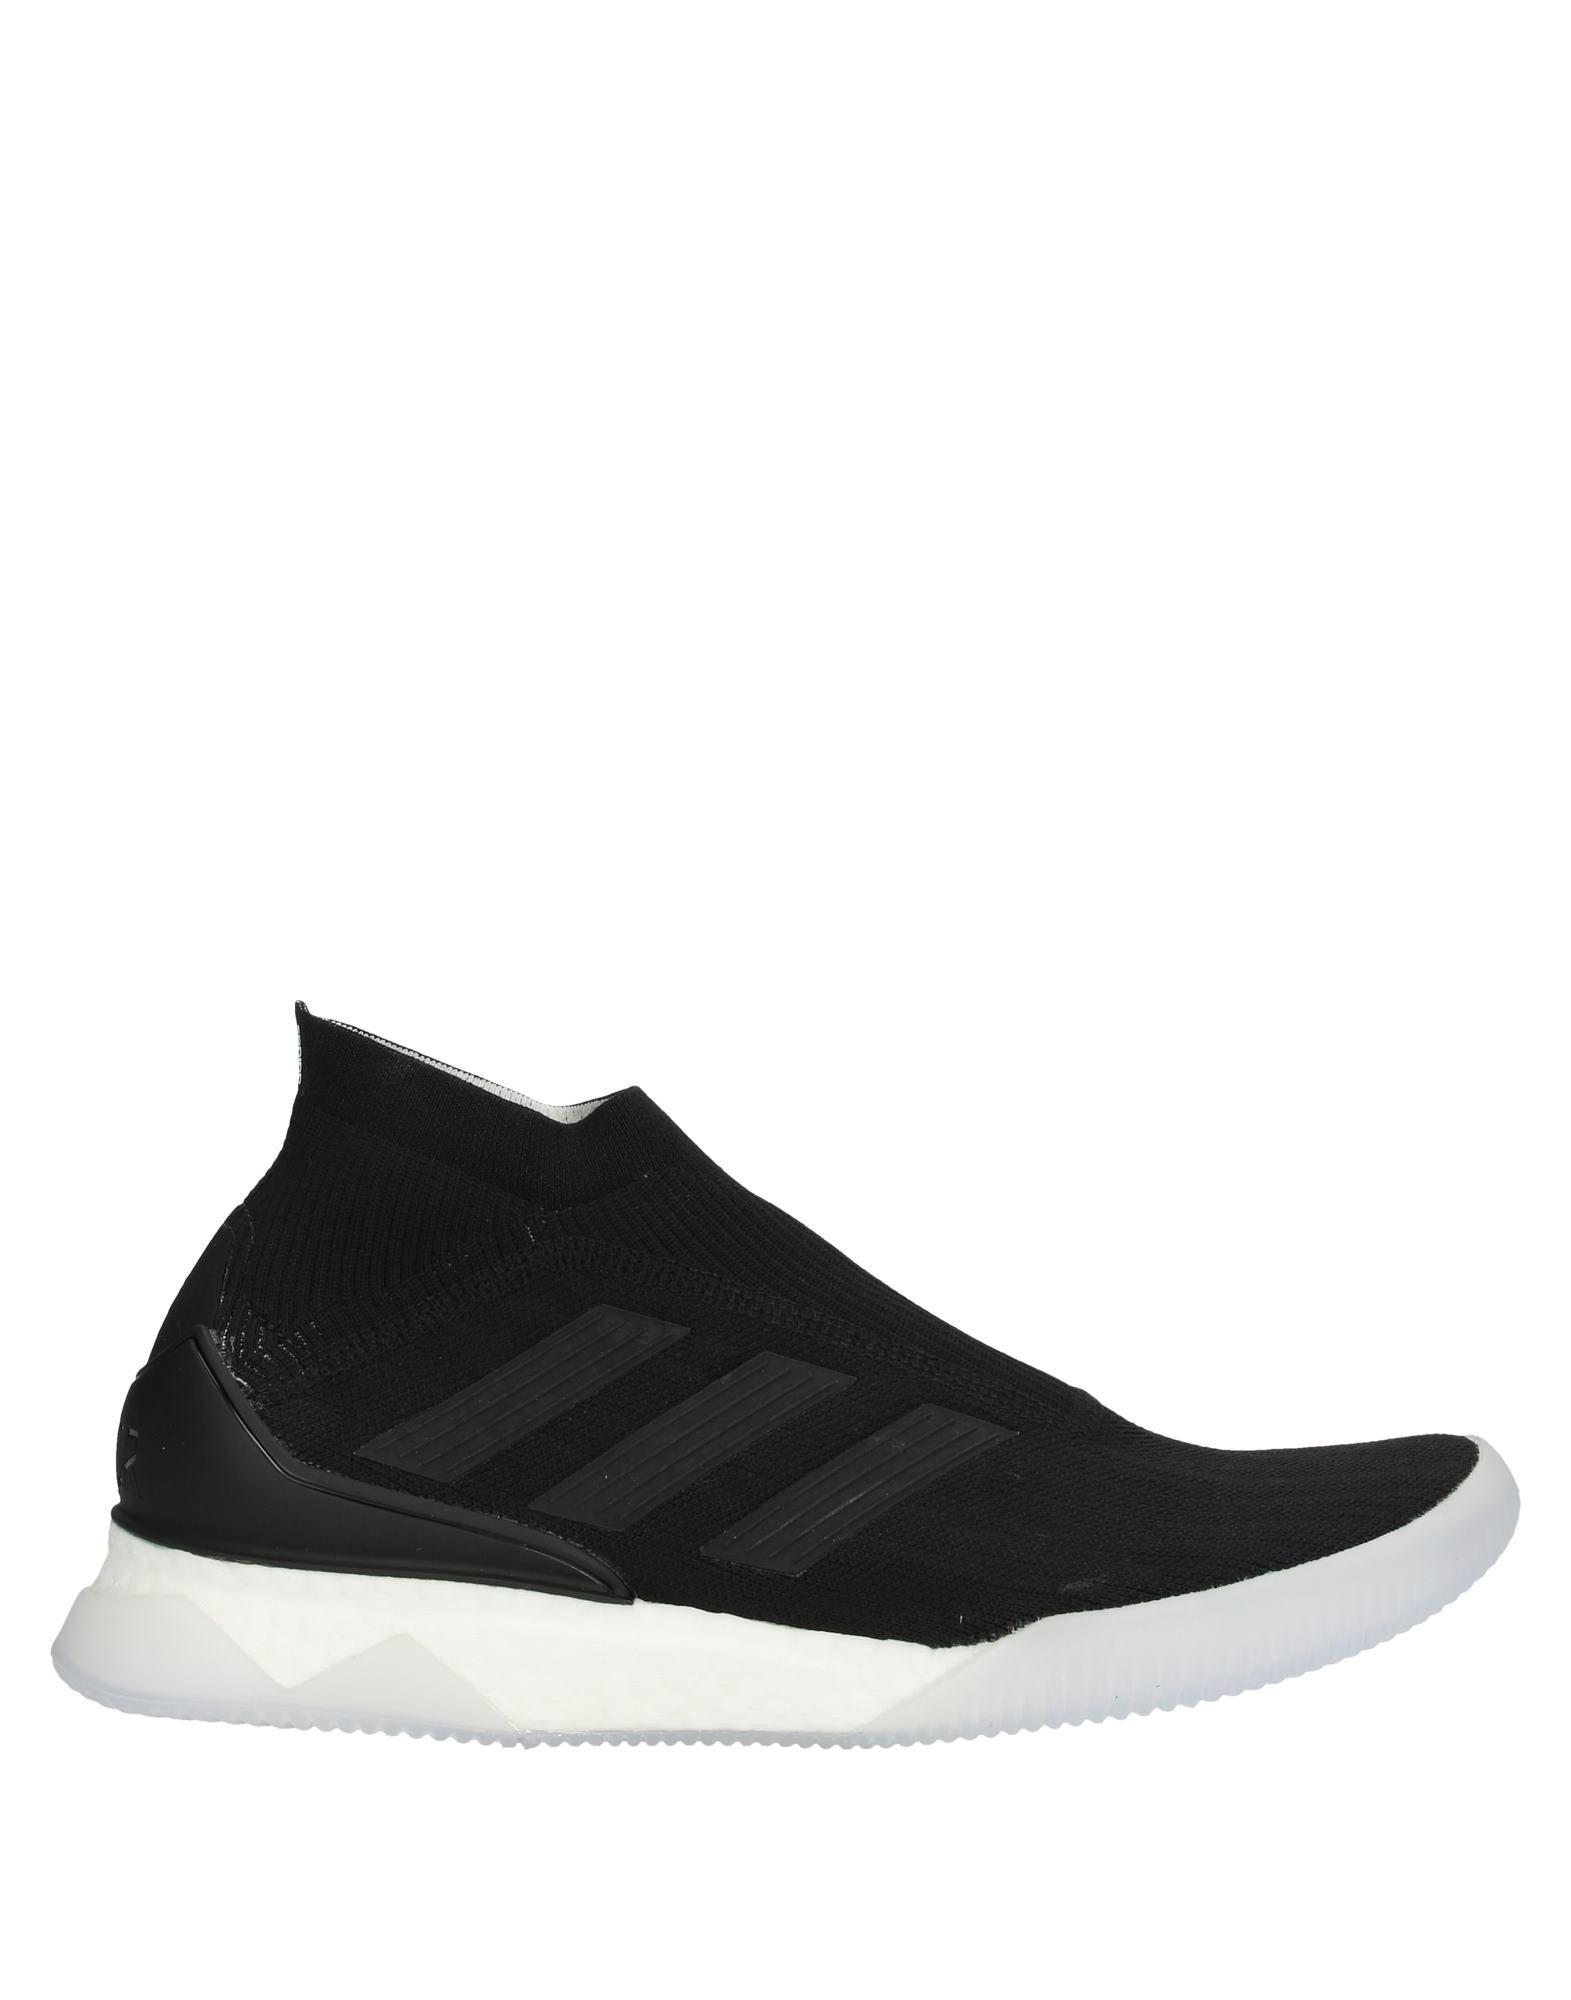 ADIDAS Высокие кеды и кроссовки кроссовки детские adidas fortagym cf k цвет фуксия ah2561 размер 34 32